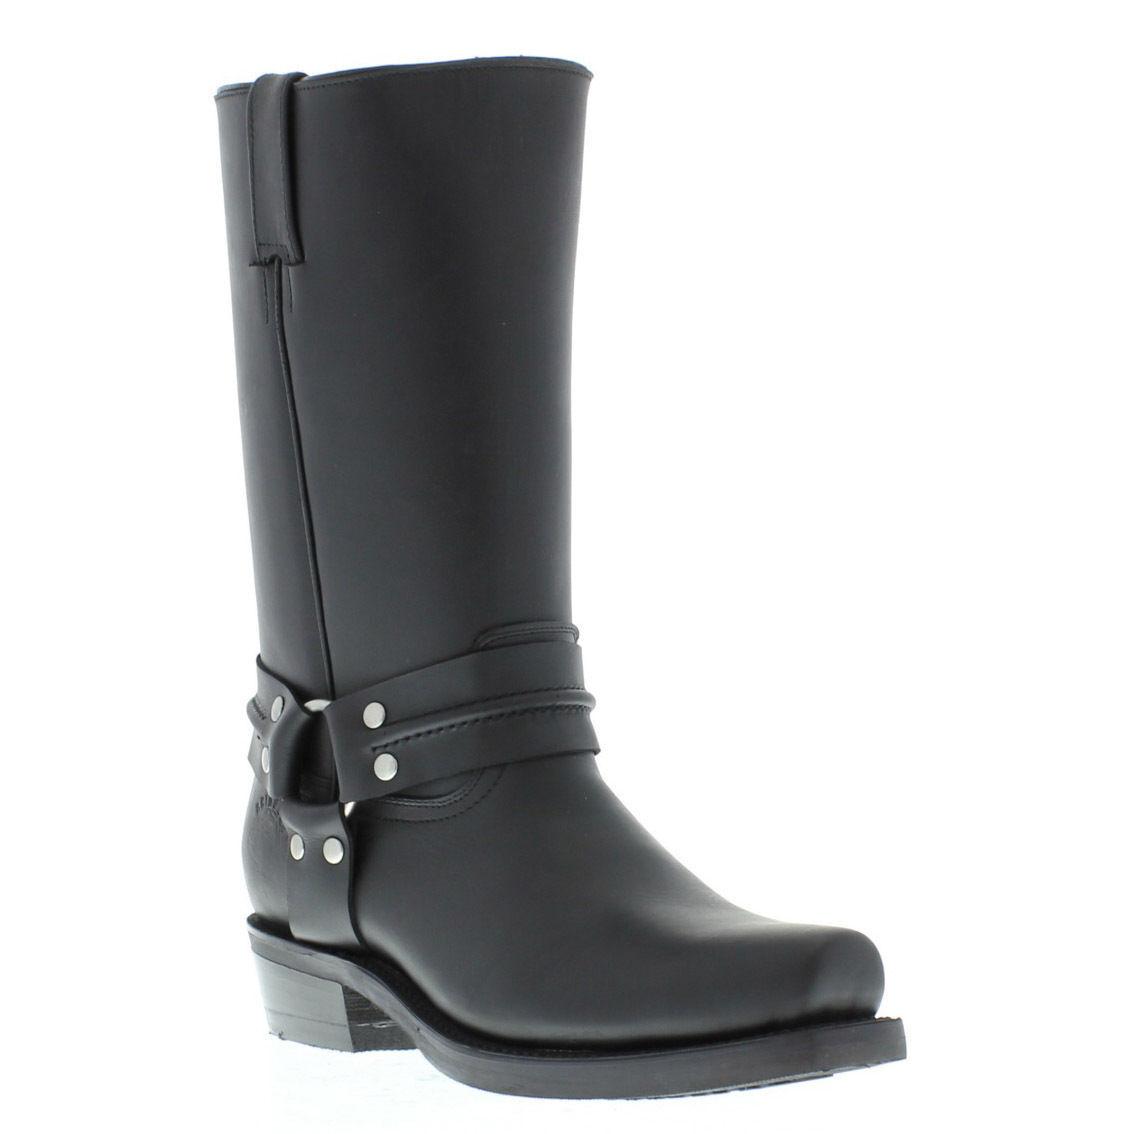 Grinders Renegade Hi Negro Unisex botas de Cuero Cowboy Oeste Motero botas Altas